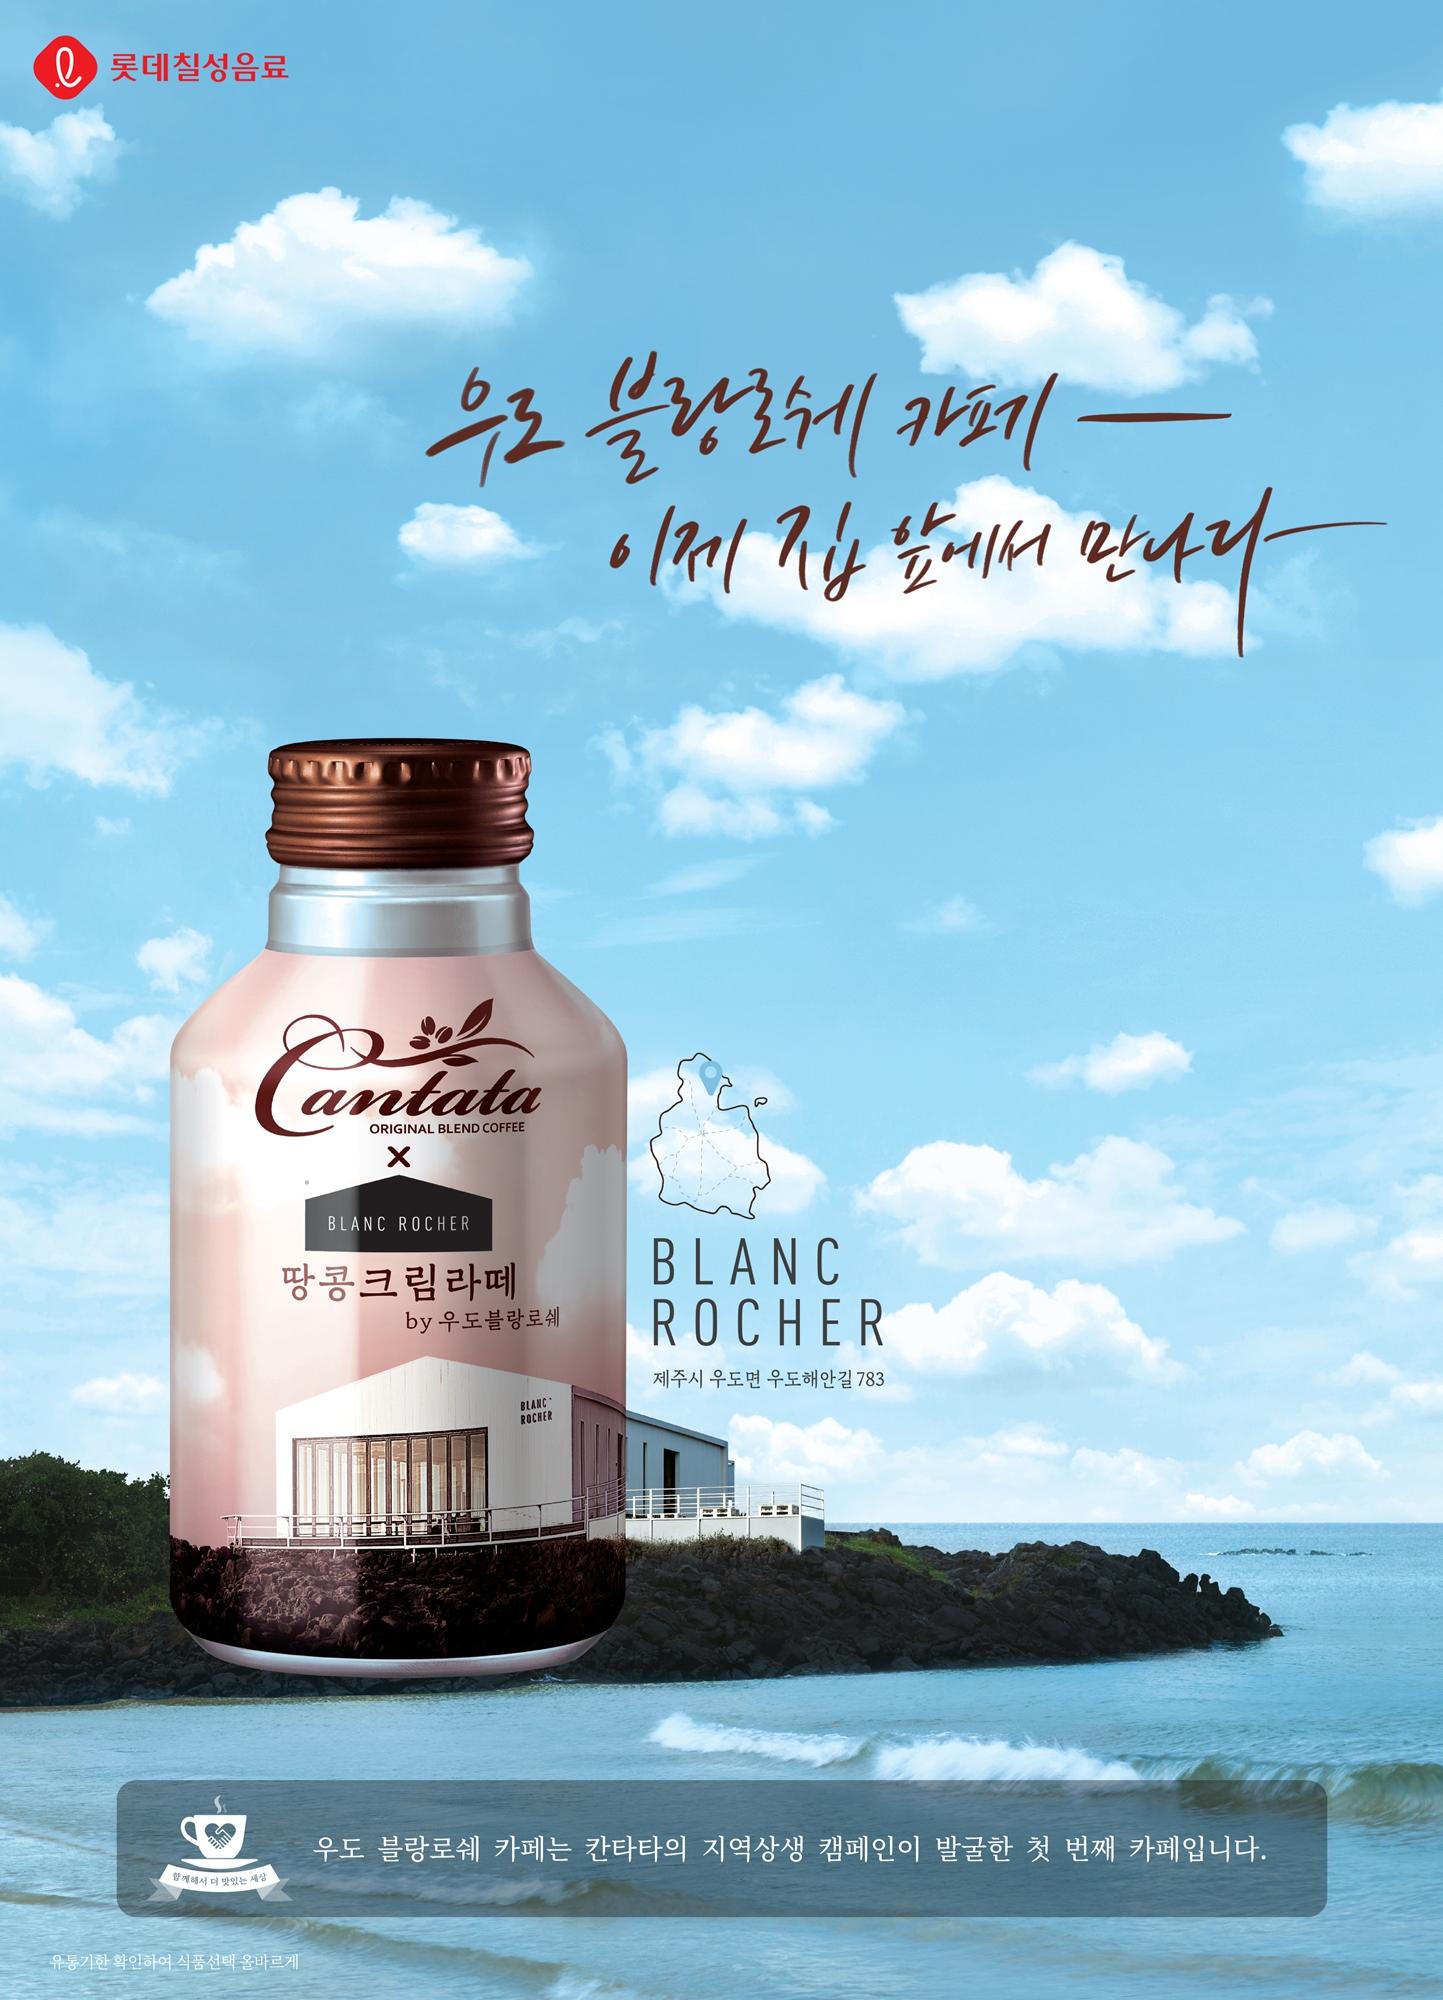 롯데칠성 칸타타, 첫 상생 프로젝트 '블랑로쉐 땅콩크림라떼' 출시